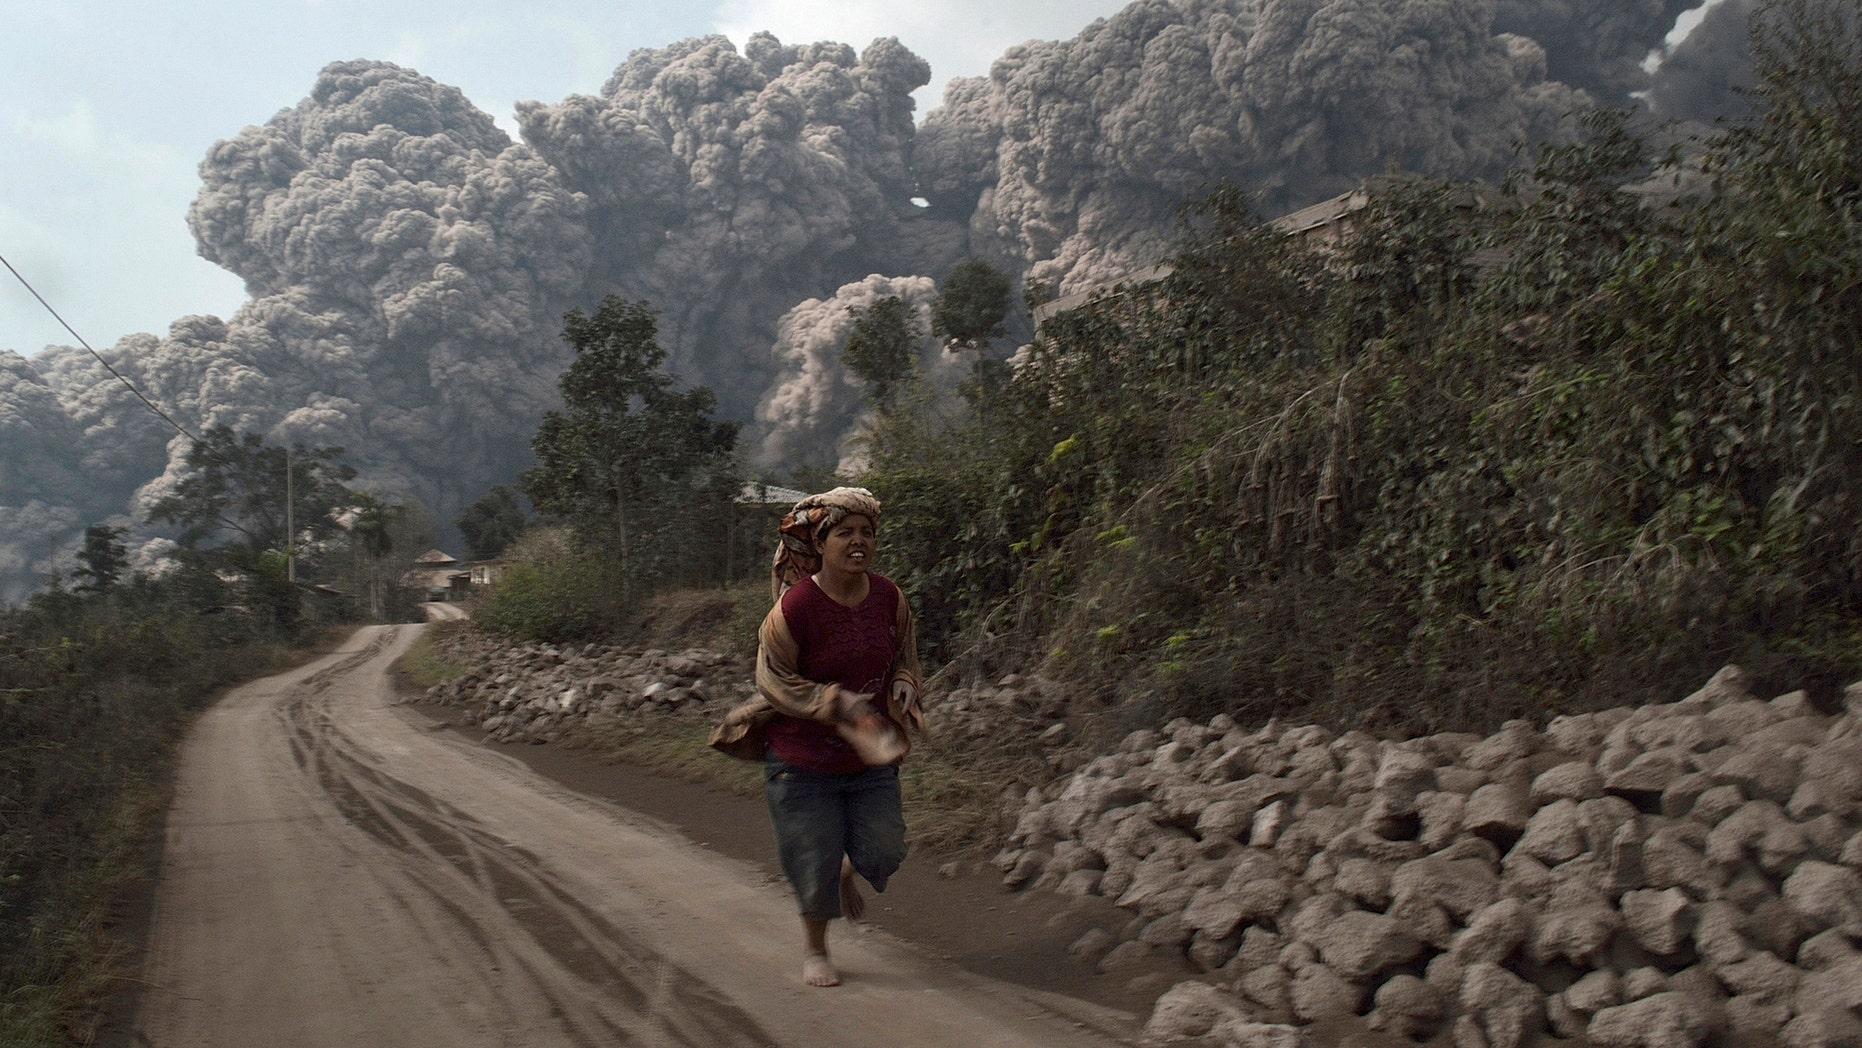 Feb. 1, 2014: A villager runs as Mount Sinabung erupt at Sigarang-Garang village in Karo district, Indonesia's North Sumatra province.